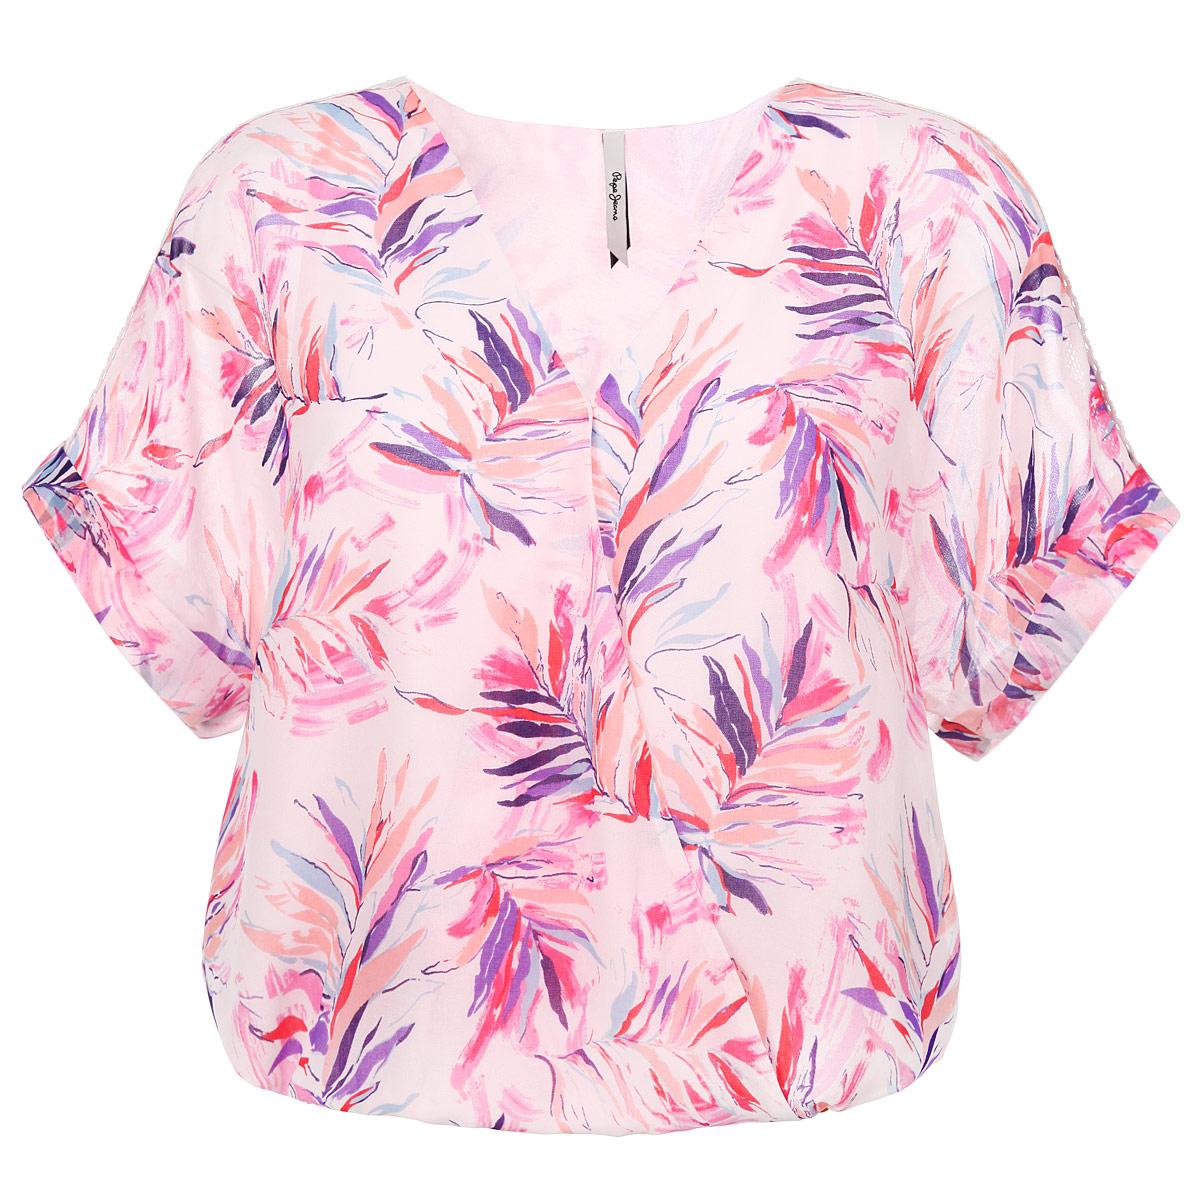 Блузка женская. PL301406PL301406 0AAСтильная женская блуза Pepe Jeans, выполненная из высококачественного материала, подчеркнет ваш уникальный стиль. Модная блузка свободного кроя с короткими рукавами и V-образным вырезом горловины поможет вам создать неповторимый образ. Модель оформлена цветочным принтом. Блузка имеет оригинальный запах на груди, и дополнена эластичной резинкой по низу. Рукава украшены кружевными вставками. Такая блузка будет дарить вам комфорт в течение всего дня и послужит замечательным дополнением к вашему гардеробу.